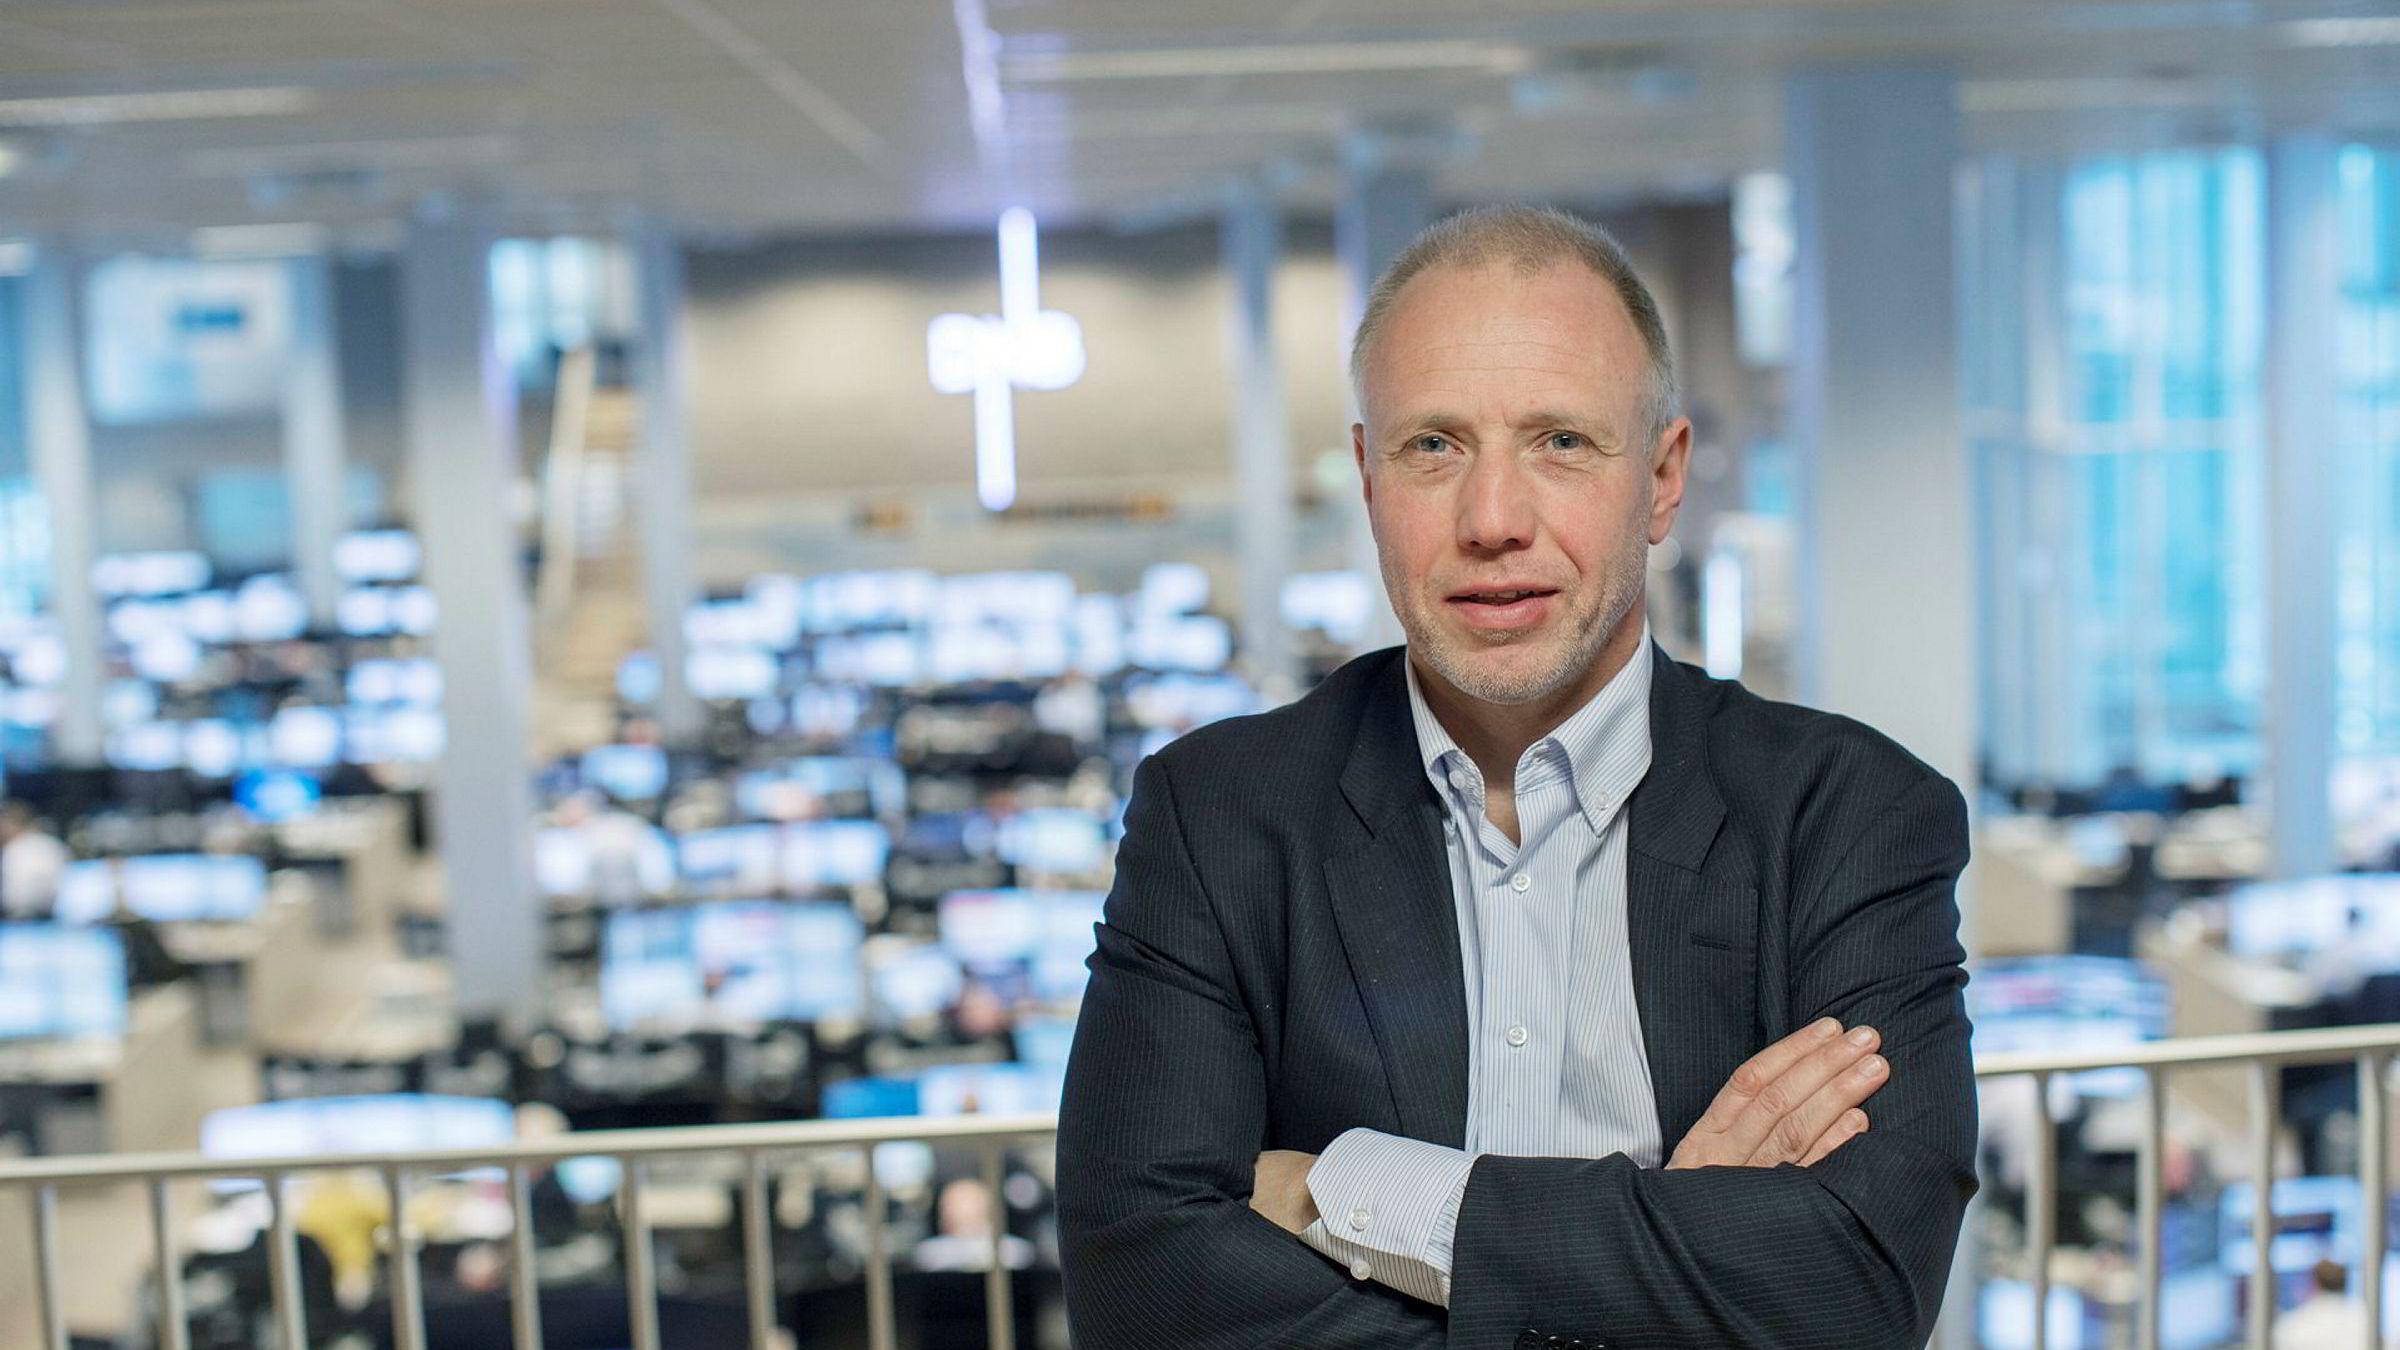 – Det har egentlig vært forbausende stille forbausende lenge. Vi har gått og lurt på hvor lenge dette kan vare, sier aksjestrateg Kristian Tunaal i DNB Markets om uroen i markedet.